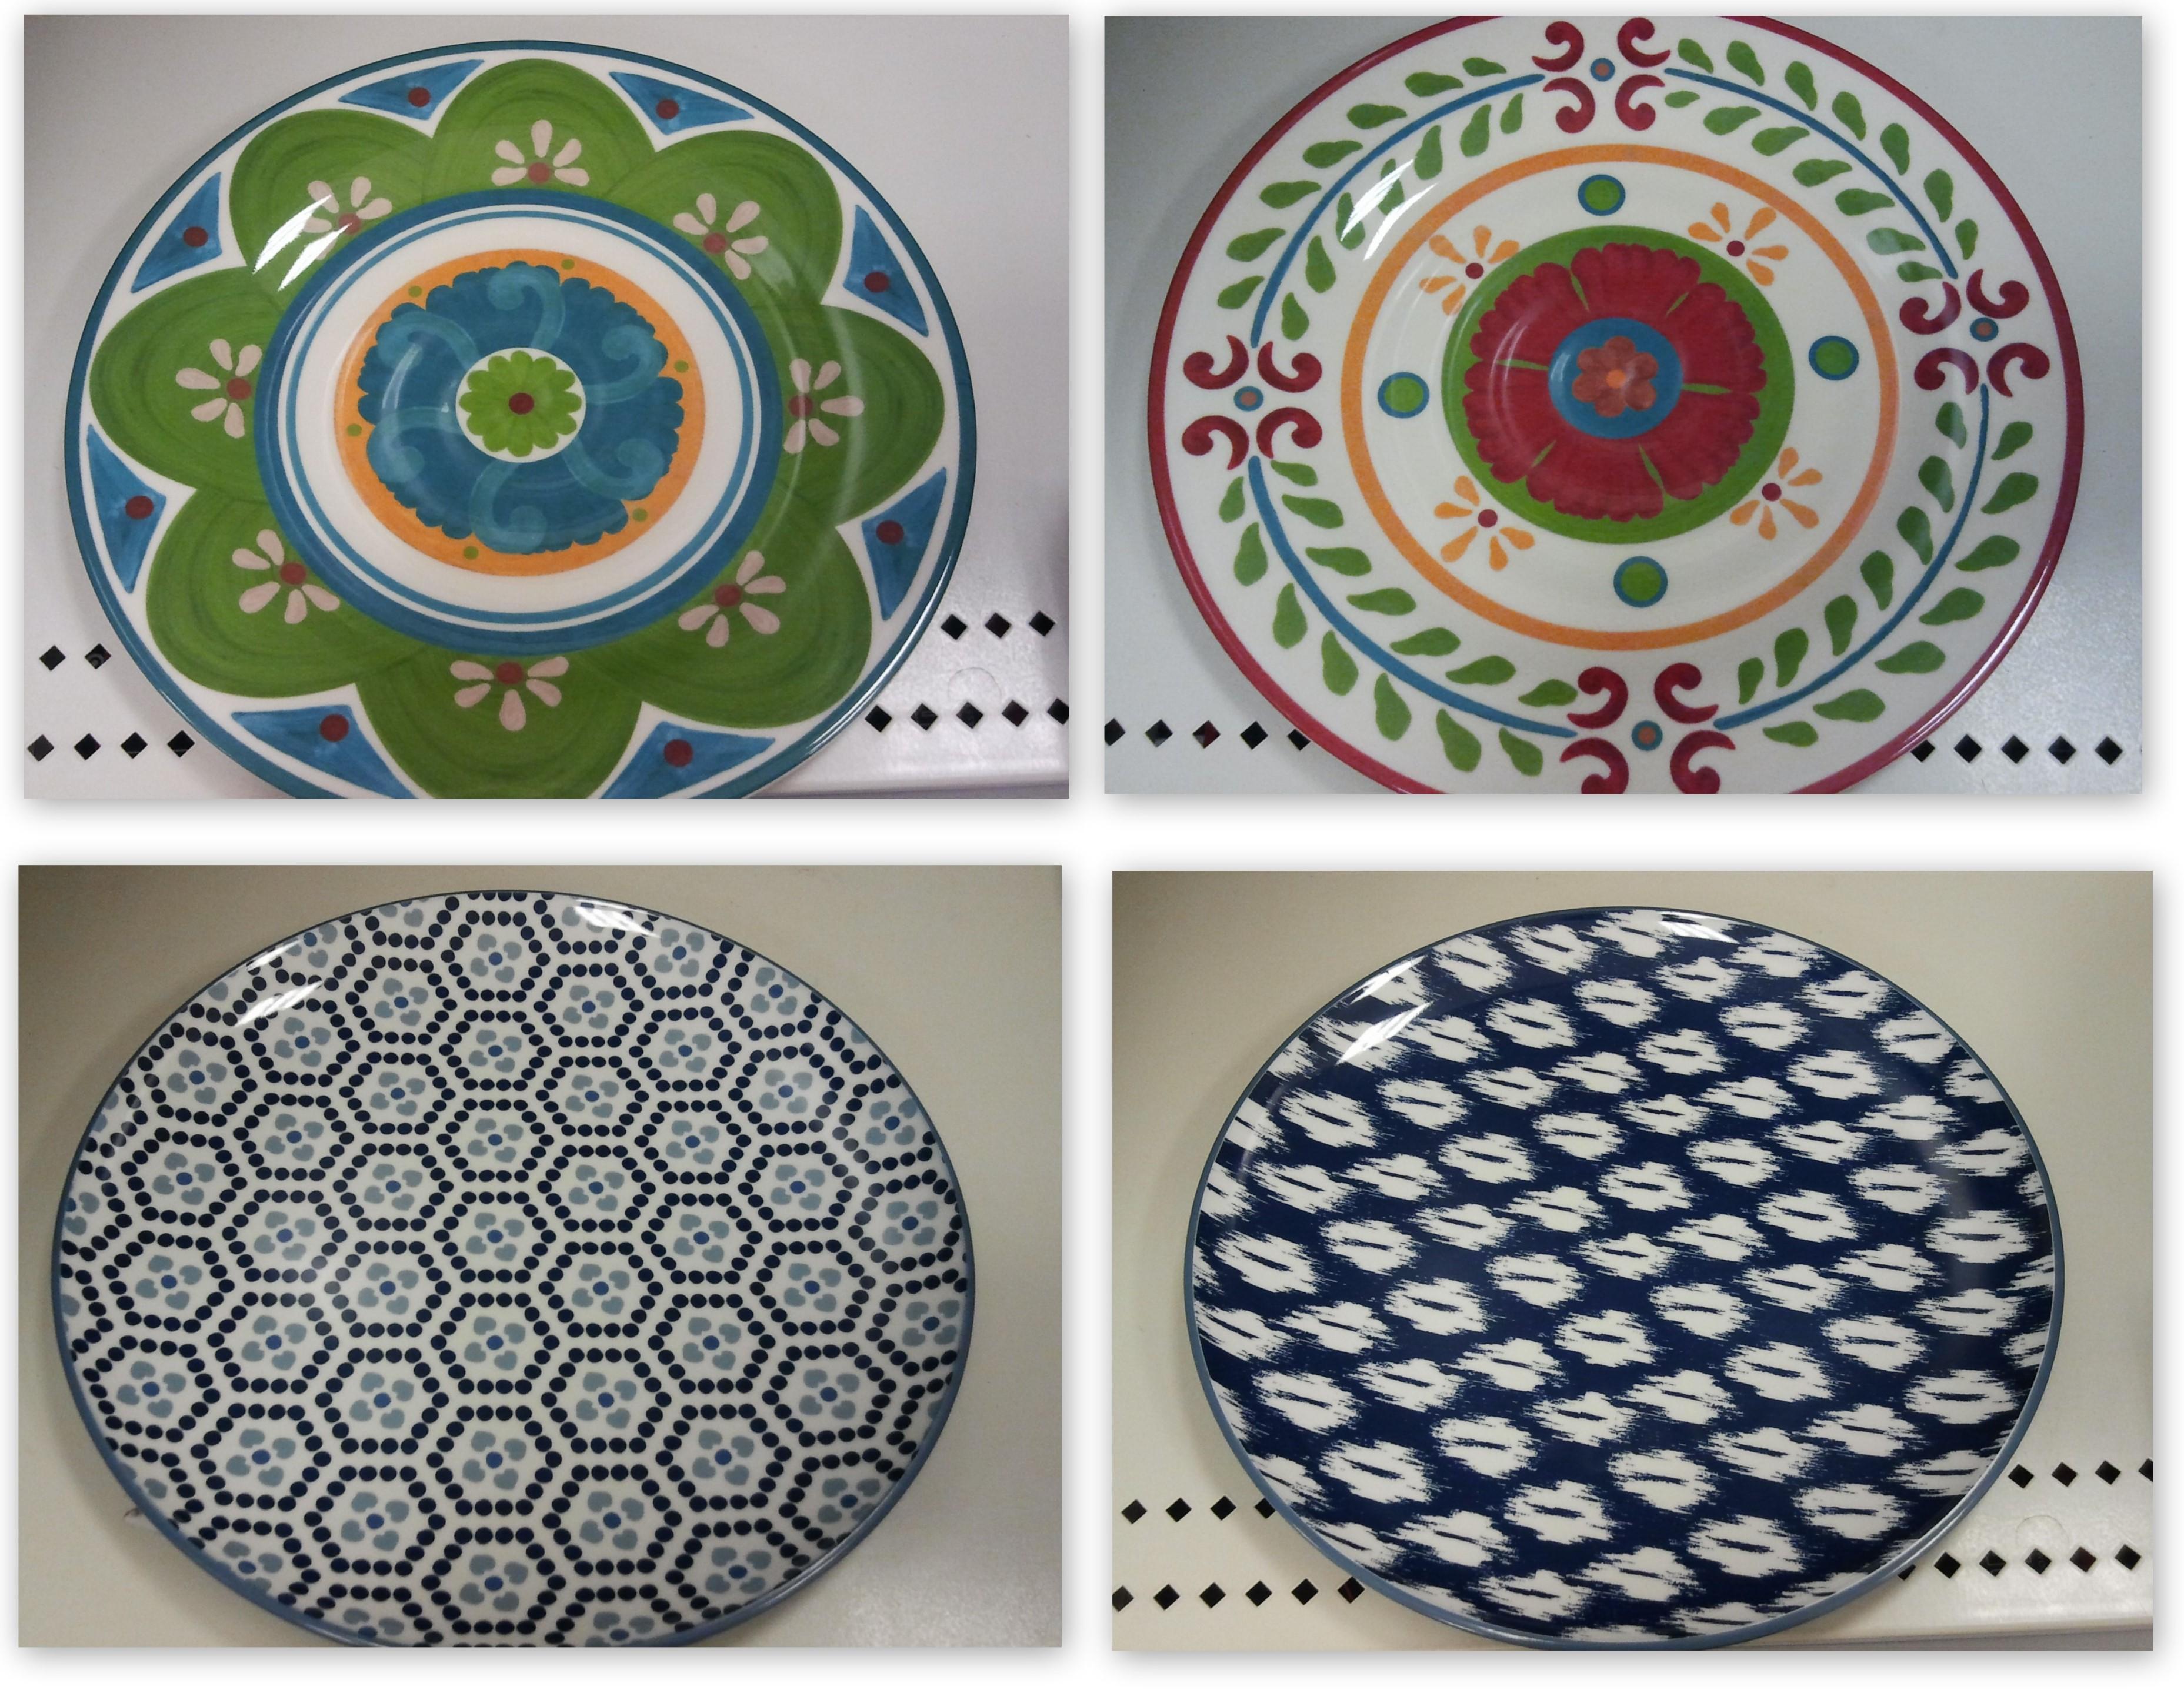 Melamine Santa Dinner Plate 10 5 White Red Threshold Target  sc 1 st  Plate & Target White Melamine Plates - Best Plate 2018